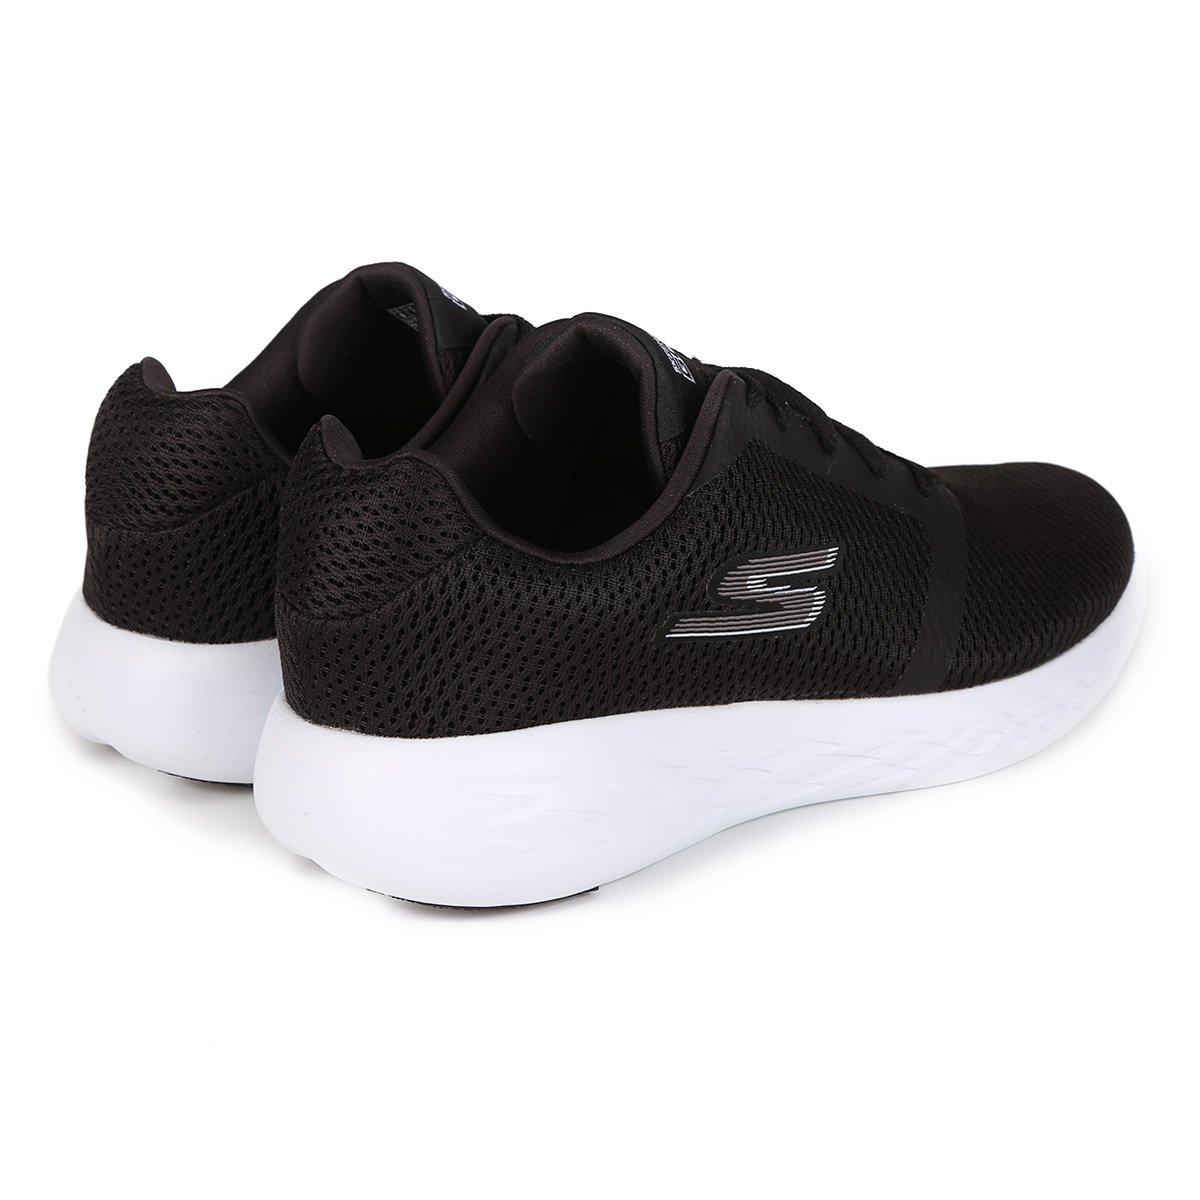 92243a0d68 Tênis Skechers Go Run 600 Refine Masculino - Preto e Branco - Compre ...